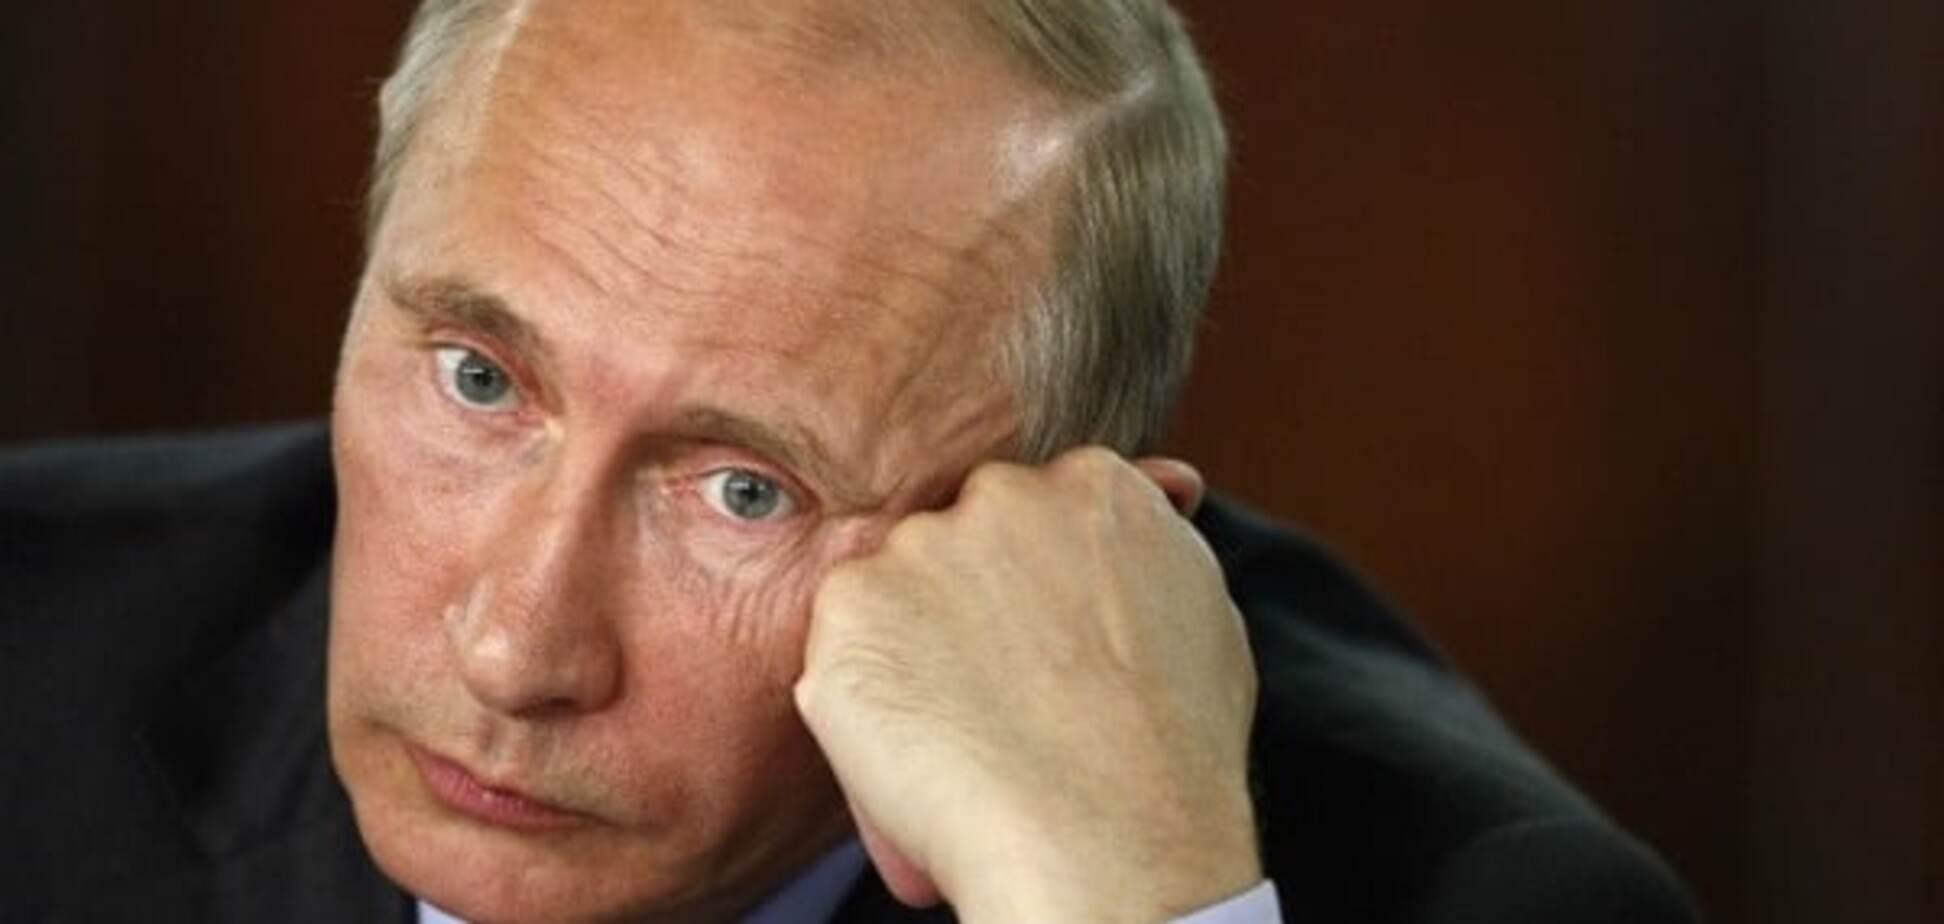 Распад неизбежен: Россию ждет судьба всех империй - блогер